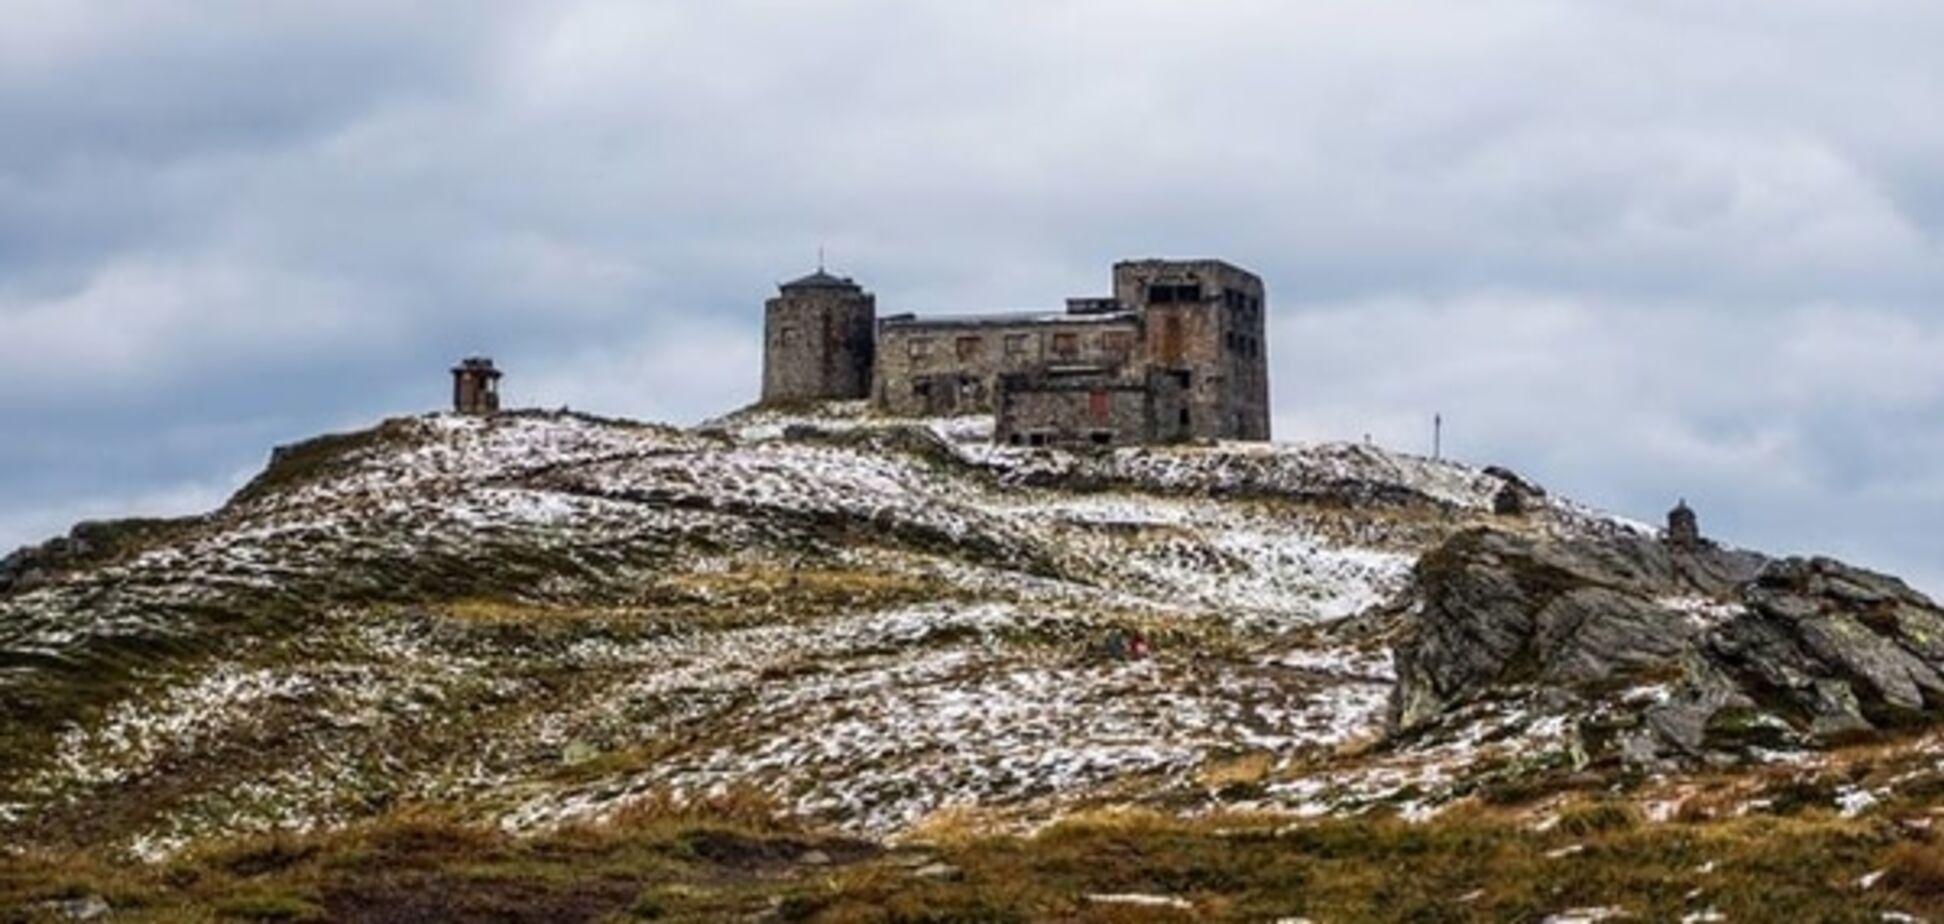 Зима близко: на Закарпатье выпал первый снег. Фотофакт